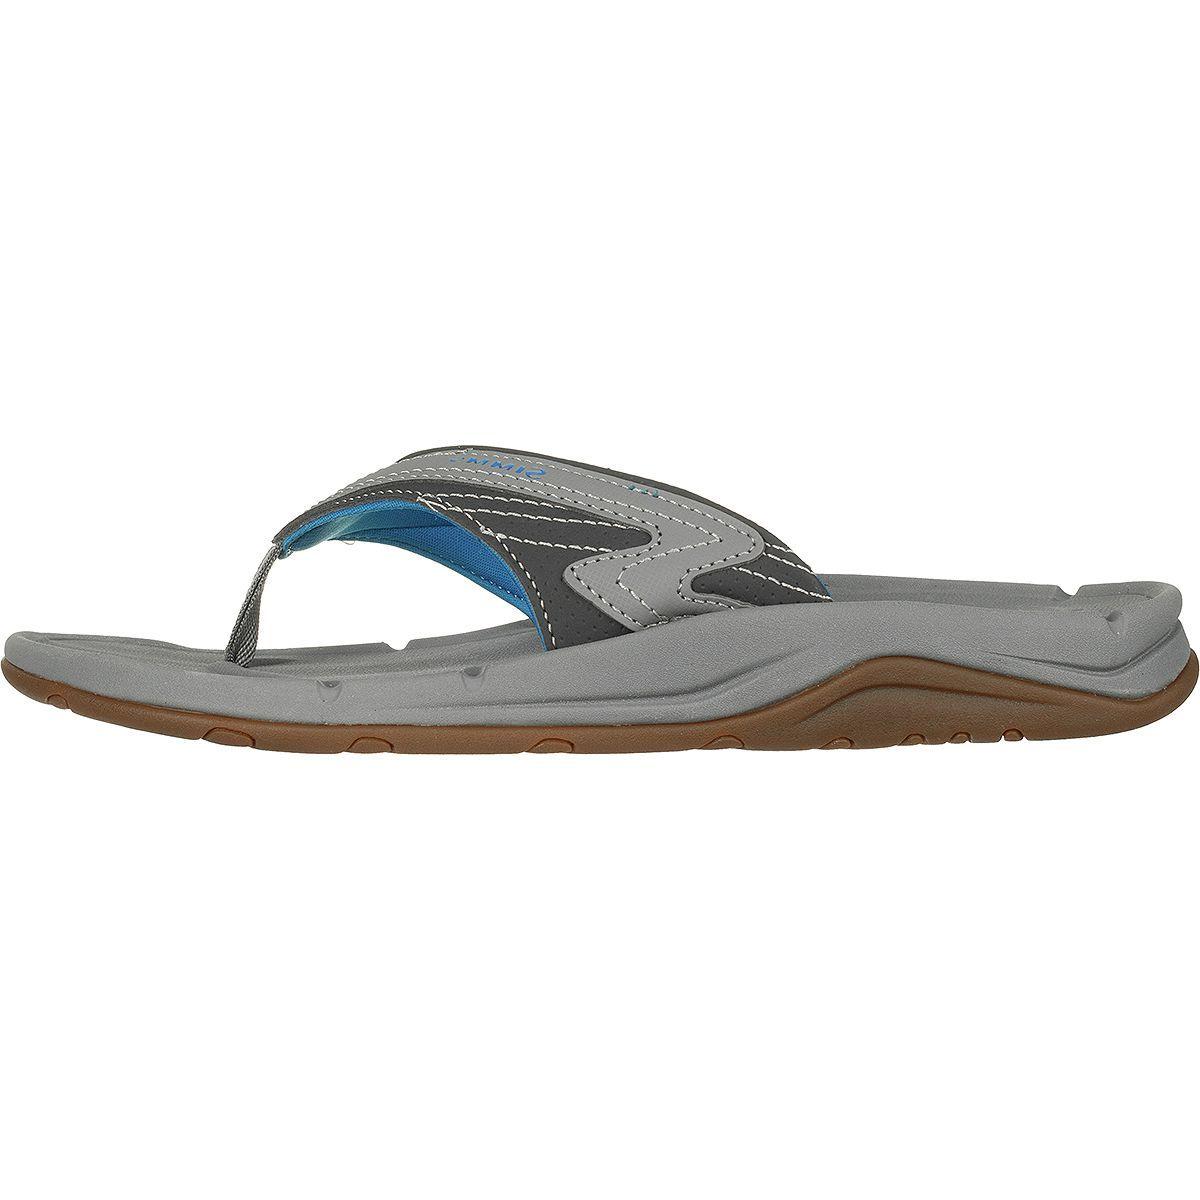 Simms Atoll Flip Flop - Wide - Men's